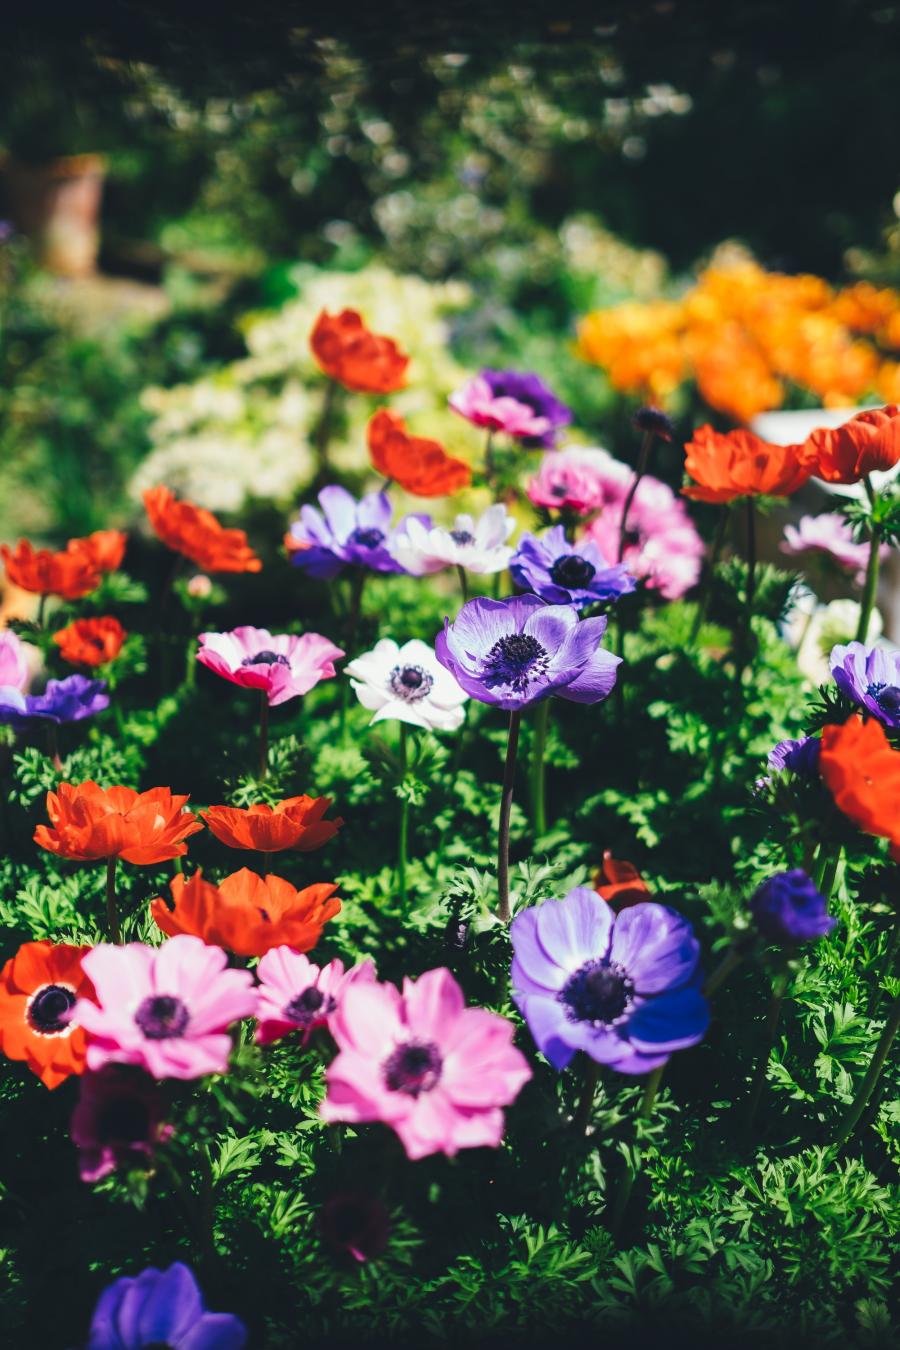 Cele mai frumoase flori din lume, intr-un pictorial de exceptie - Poza 2